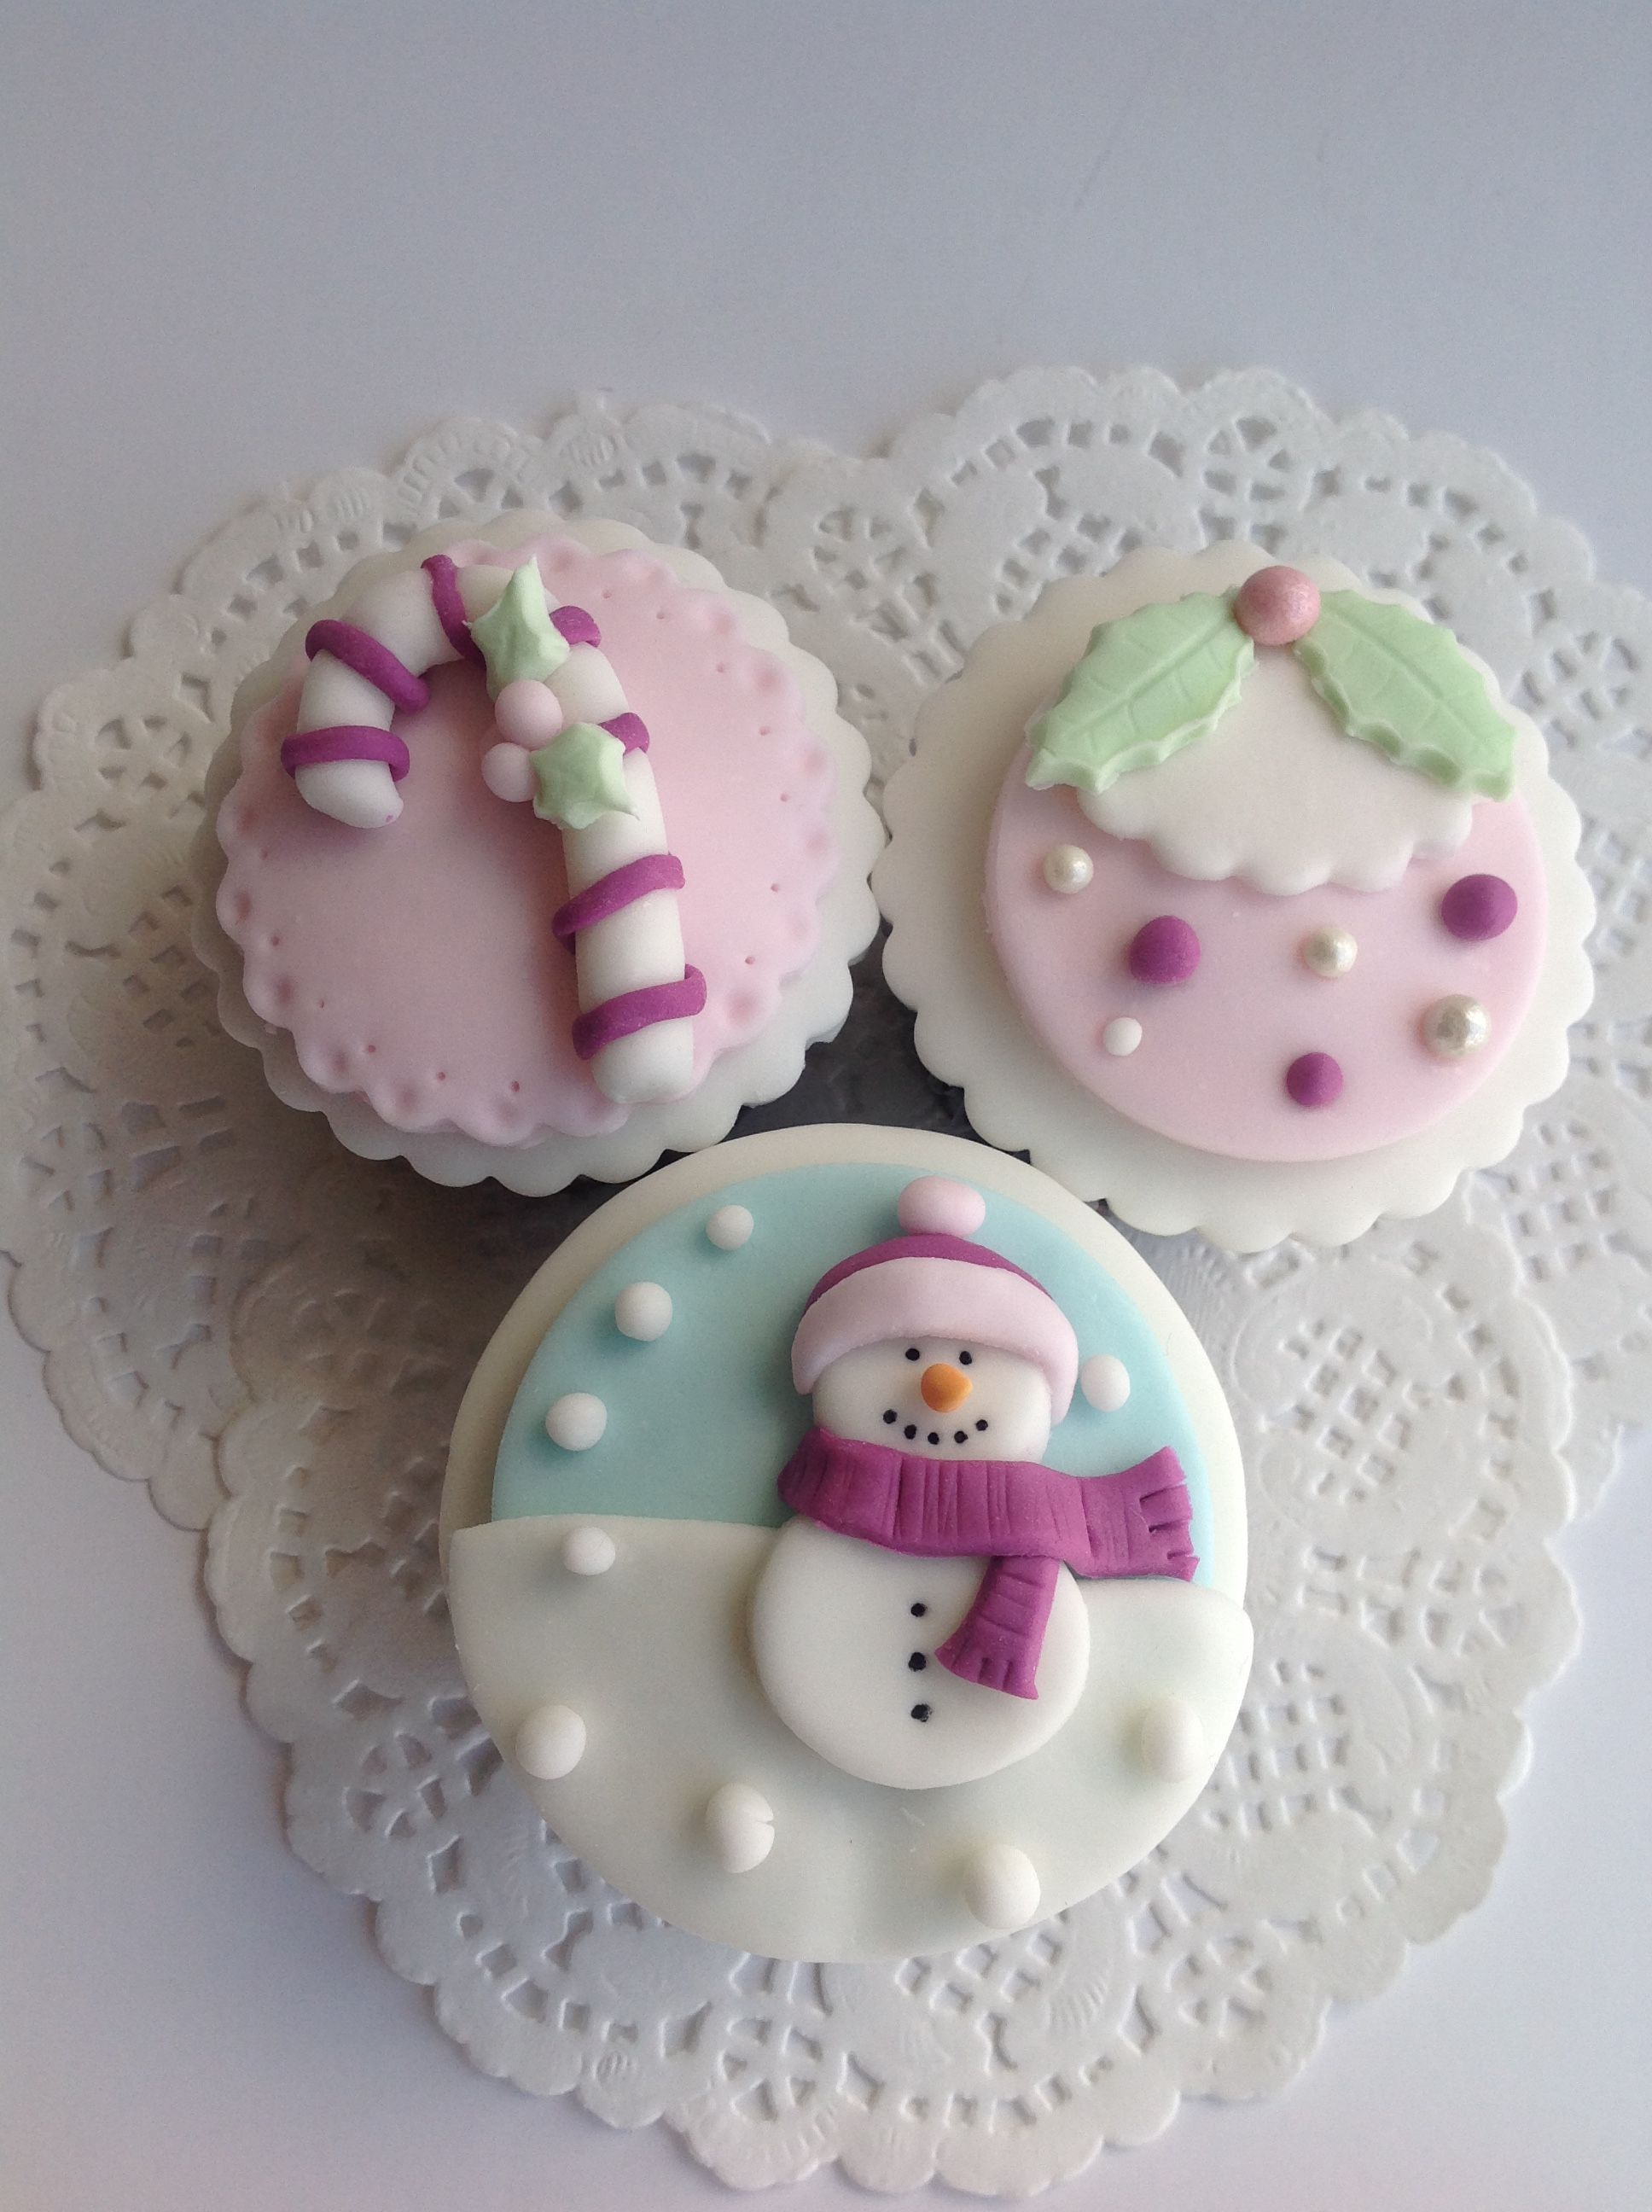 Christmas cupcakes | Cupcakes de navidad, Golosinas de navidad, Piruleta de bizcocho